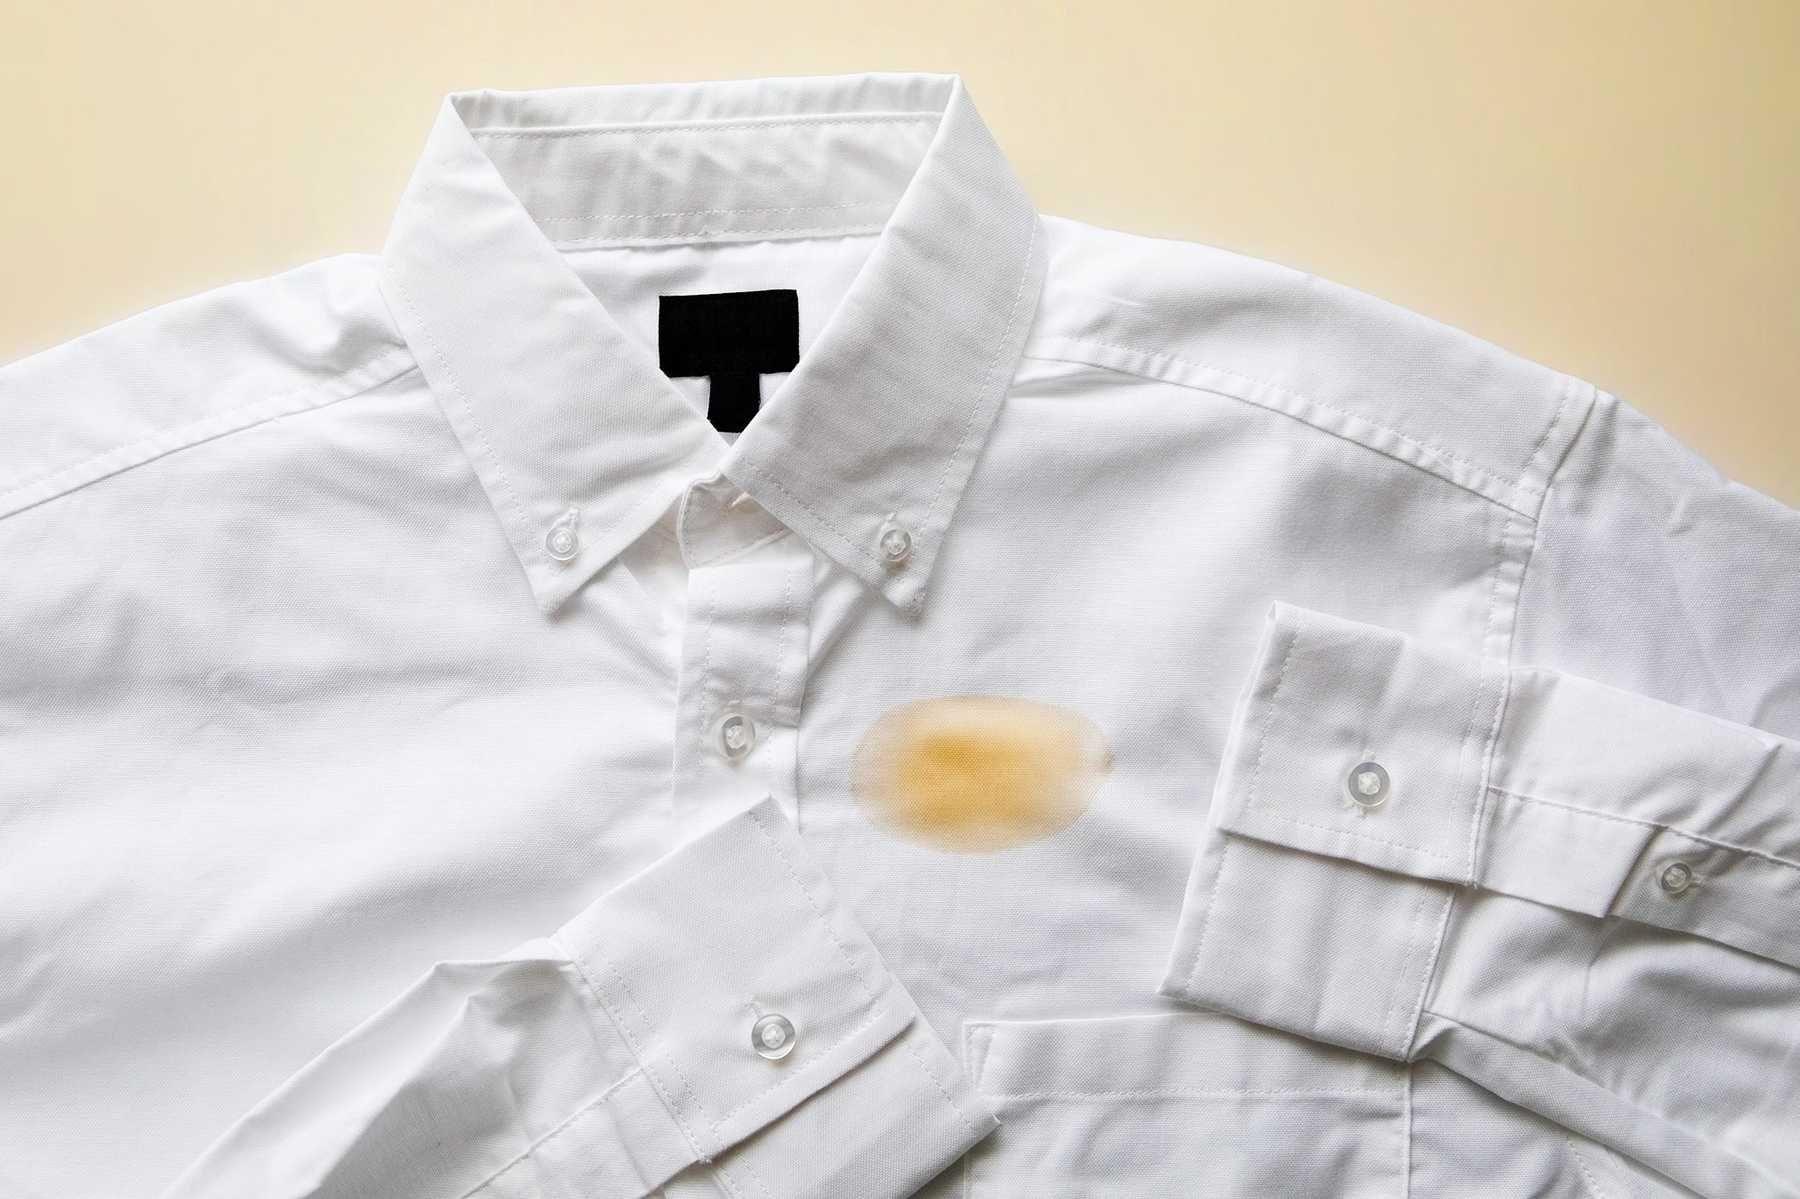 Step 1: Những vết bẩn thường hay dính trên quần áo